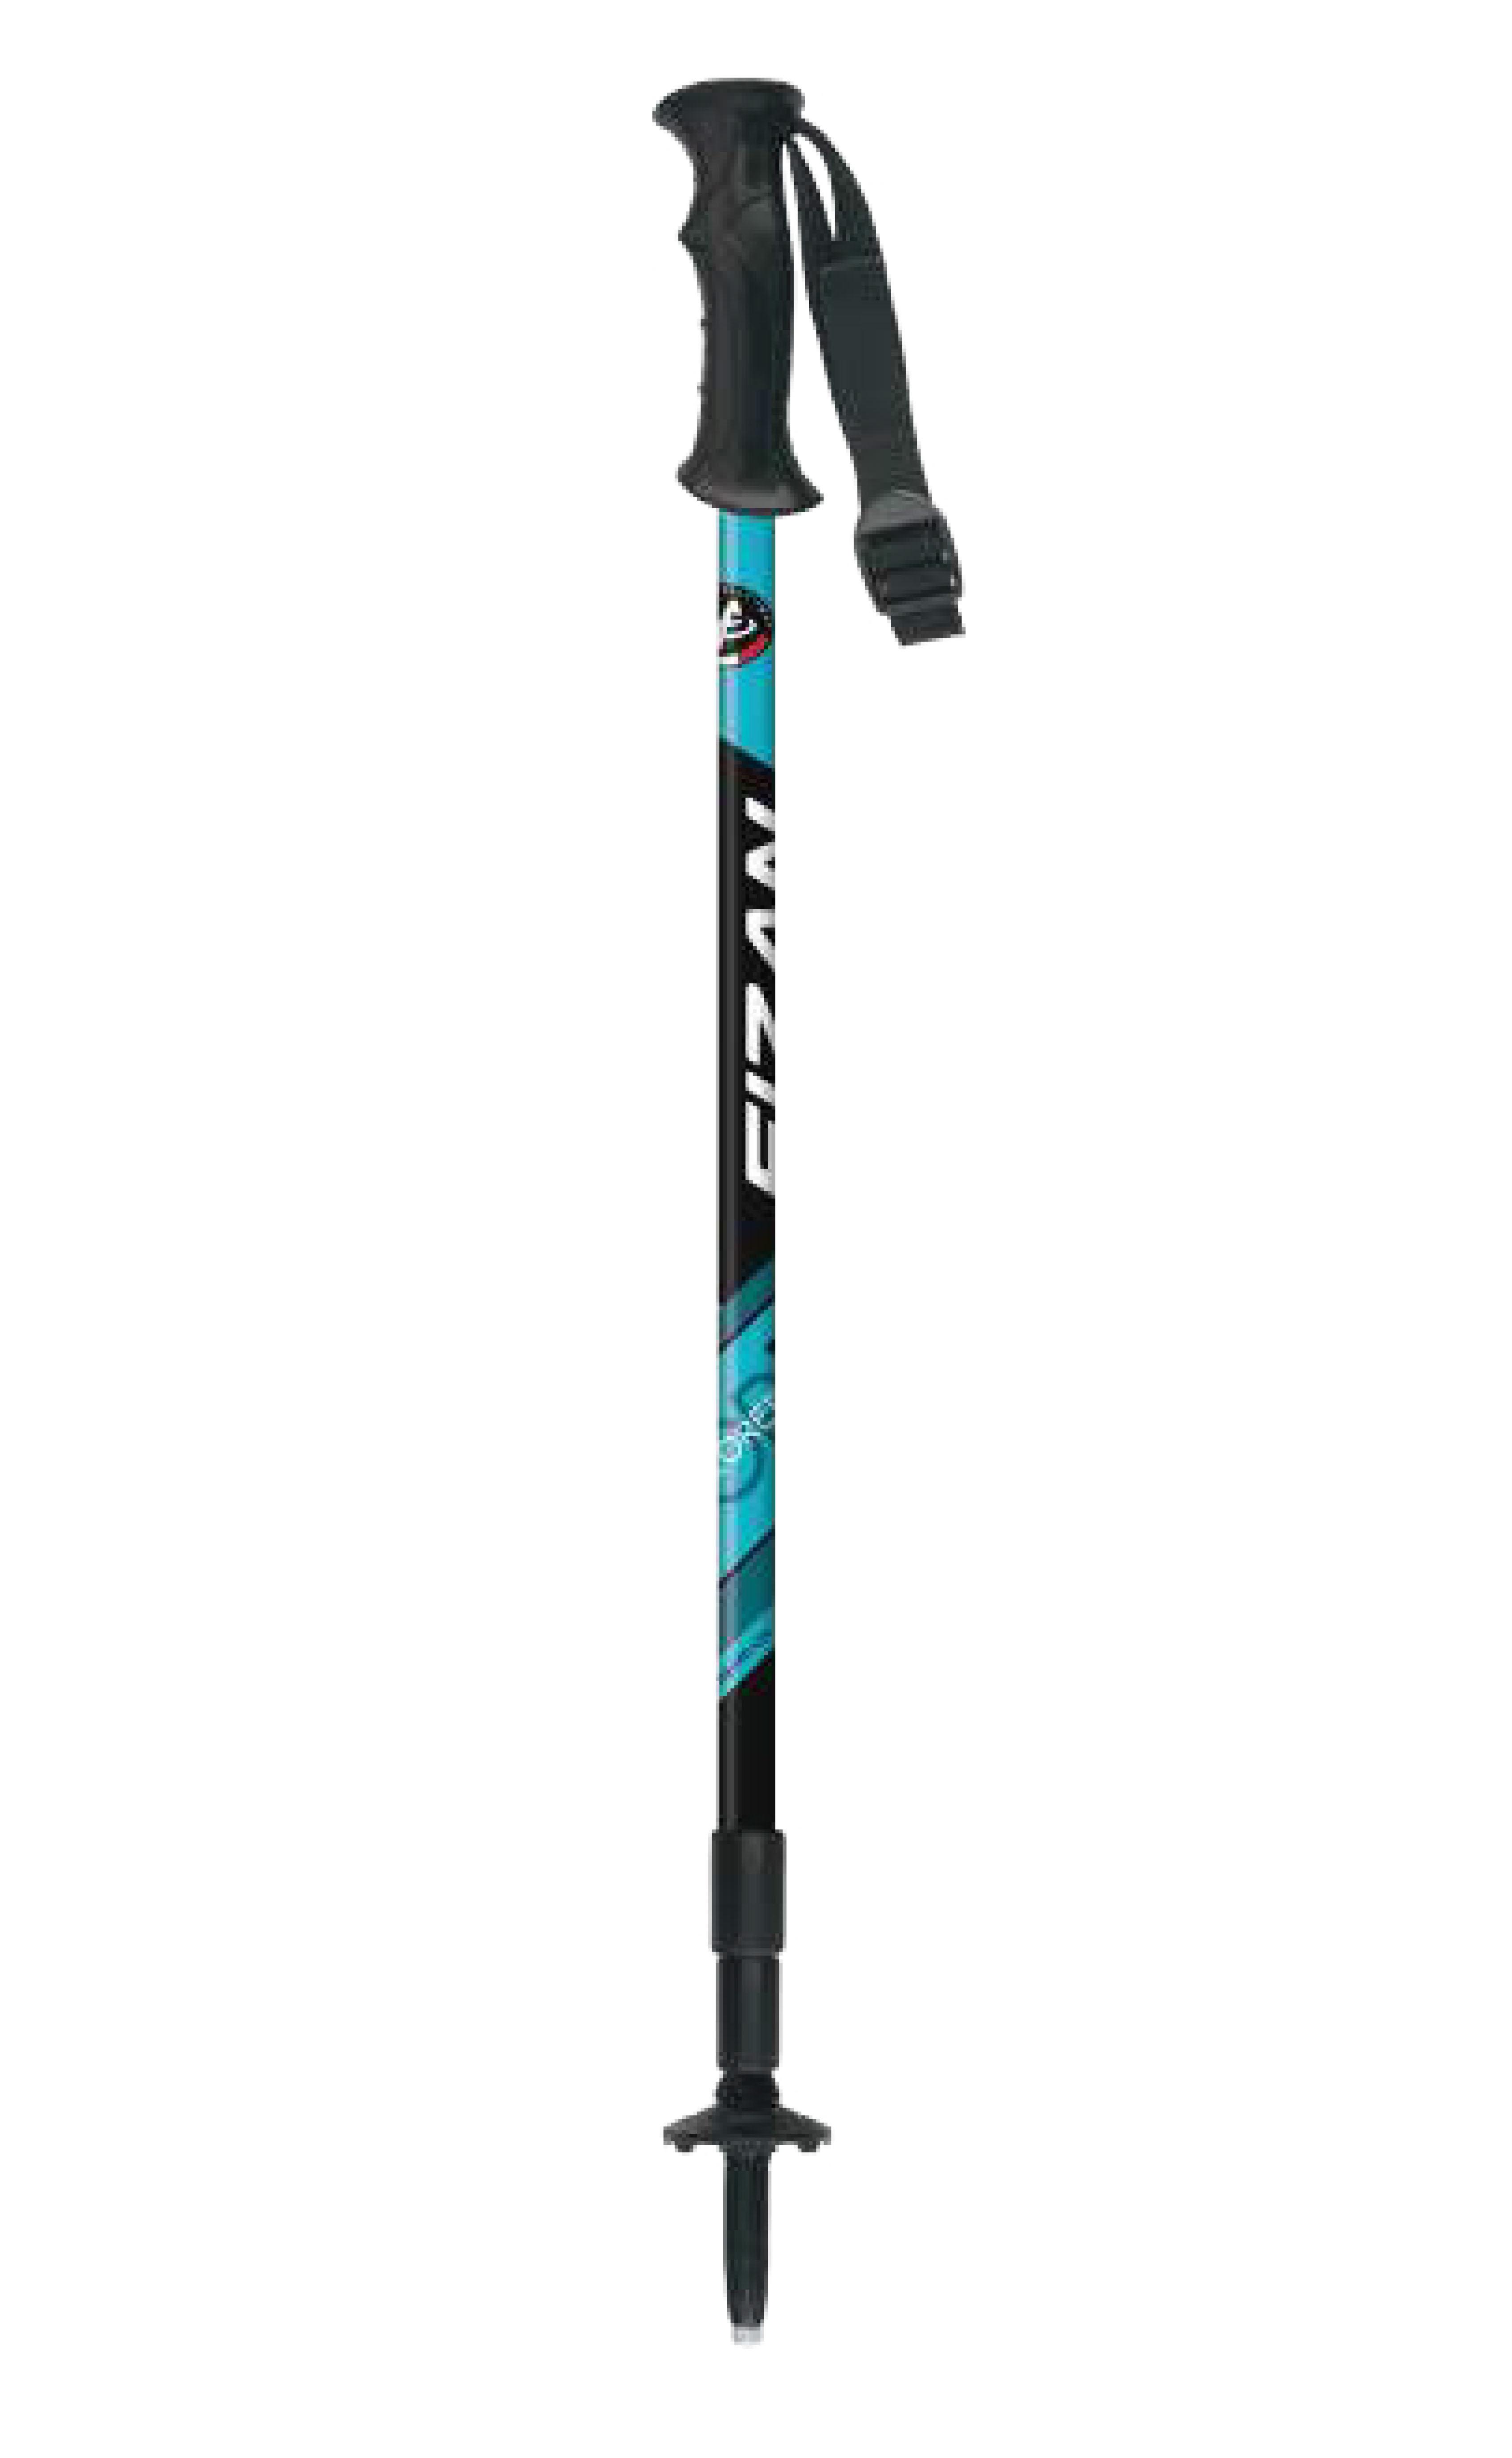 Bastón de trekking Fizan modelo Explorer azul